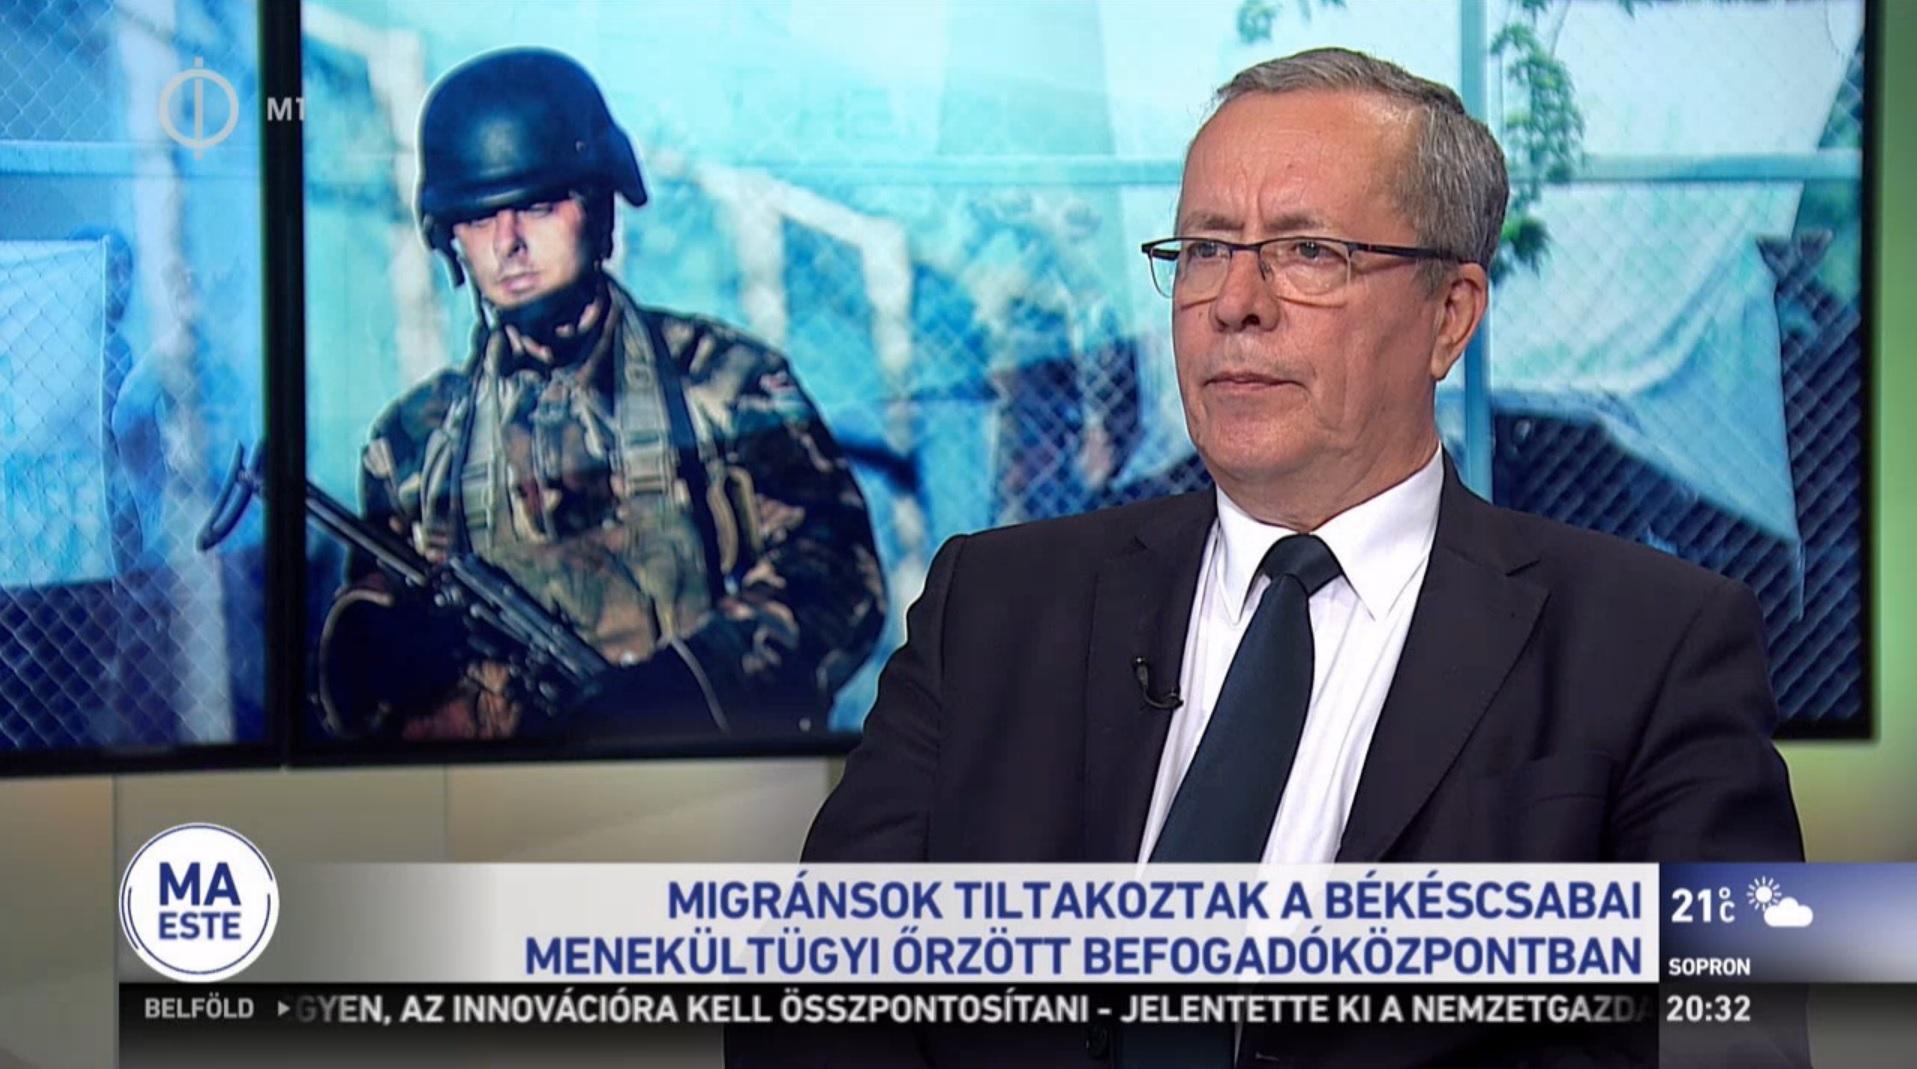 A Fidesz azt állítja, csak azoknak küldték el Bakondi riogatós levelét, akik erre felhatalmazást adtak a pártnak